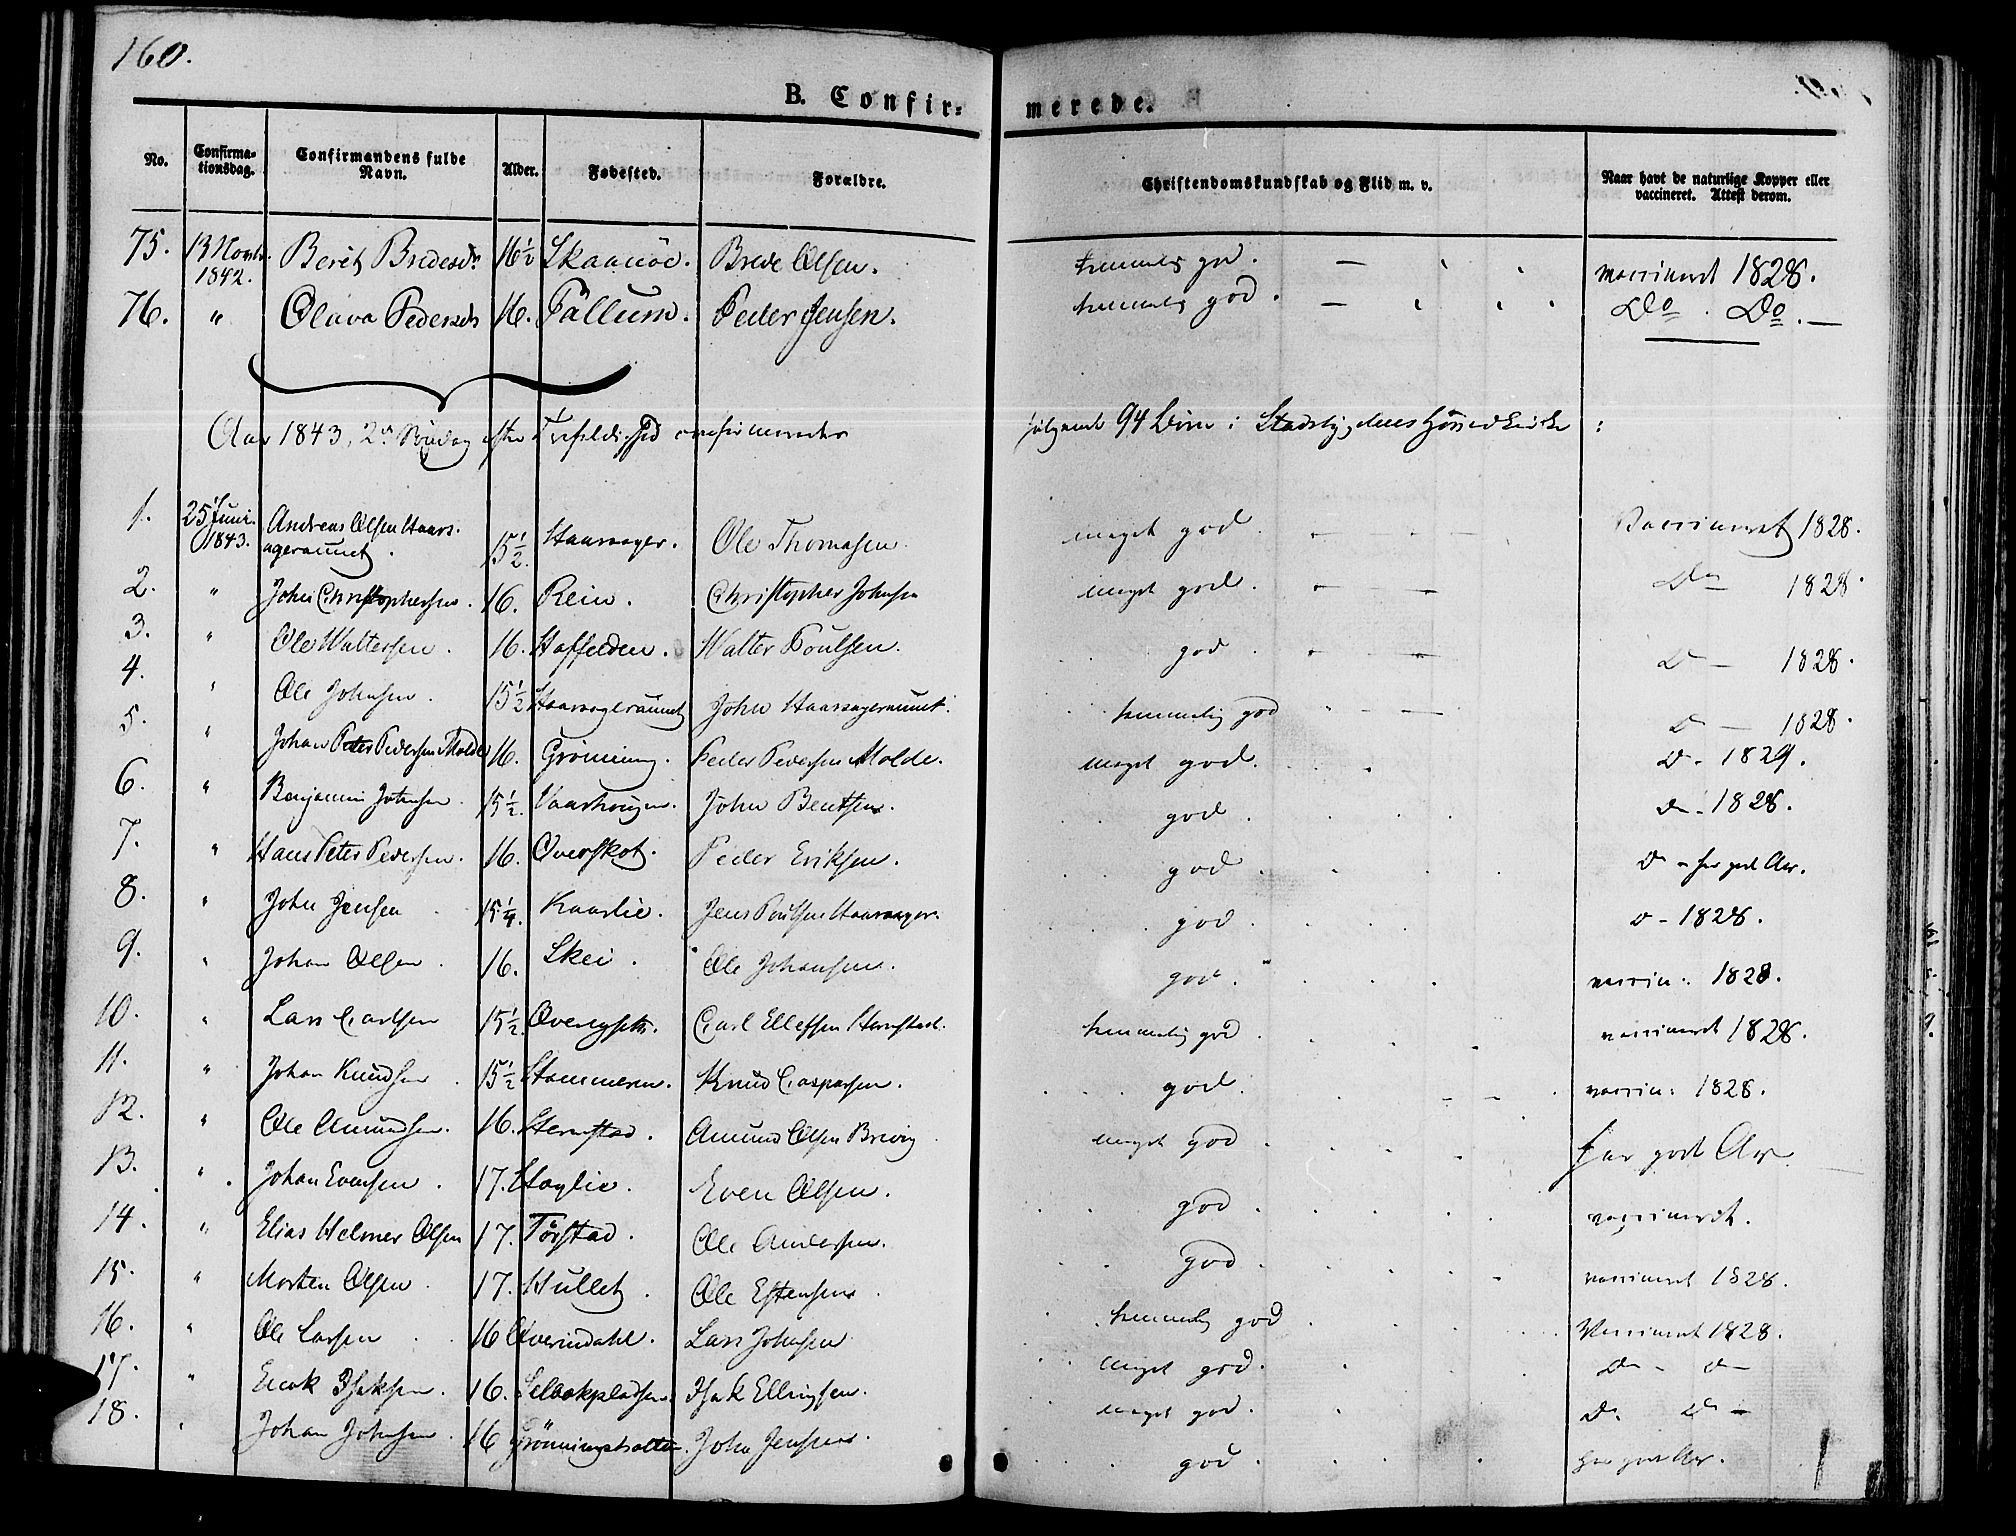 SAT, Ministerialprotokoller, klokkerbøker og fødselsregistre - Sør-Trøndelag, 646/L0610: Ministerialbok nr. 646A08, 1837-1847, s. 160